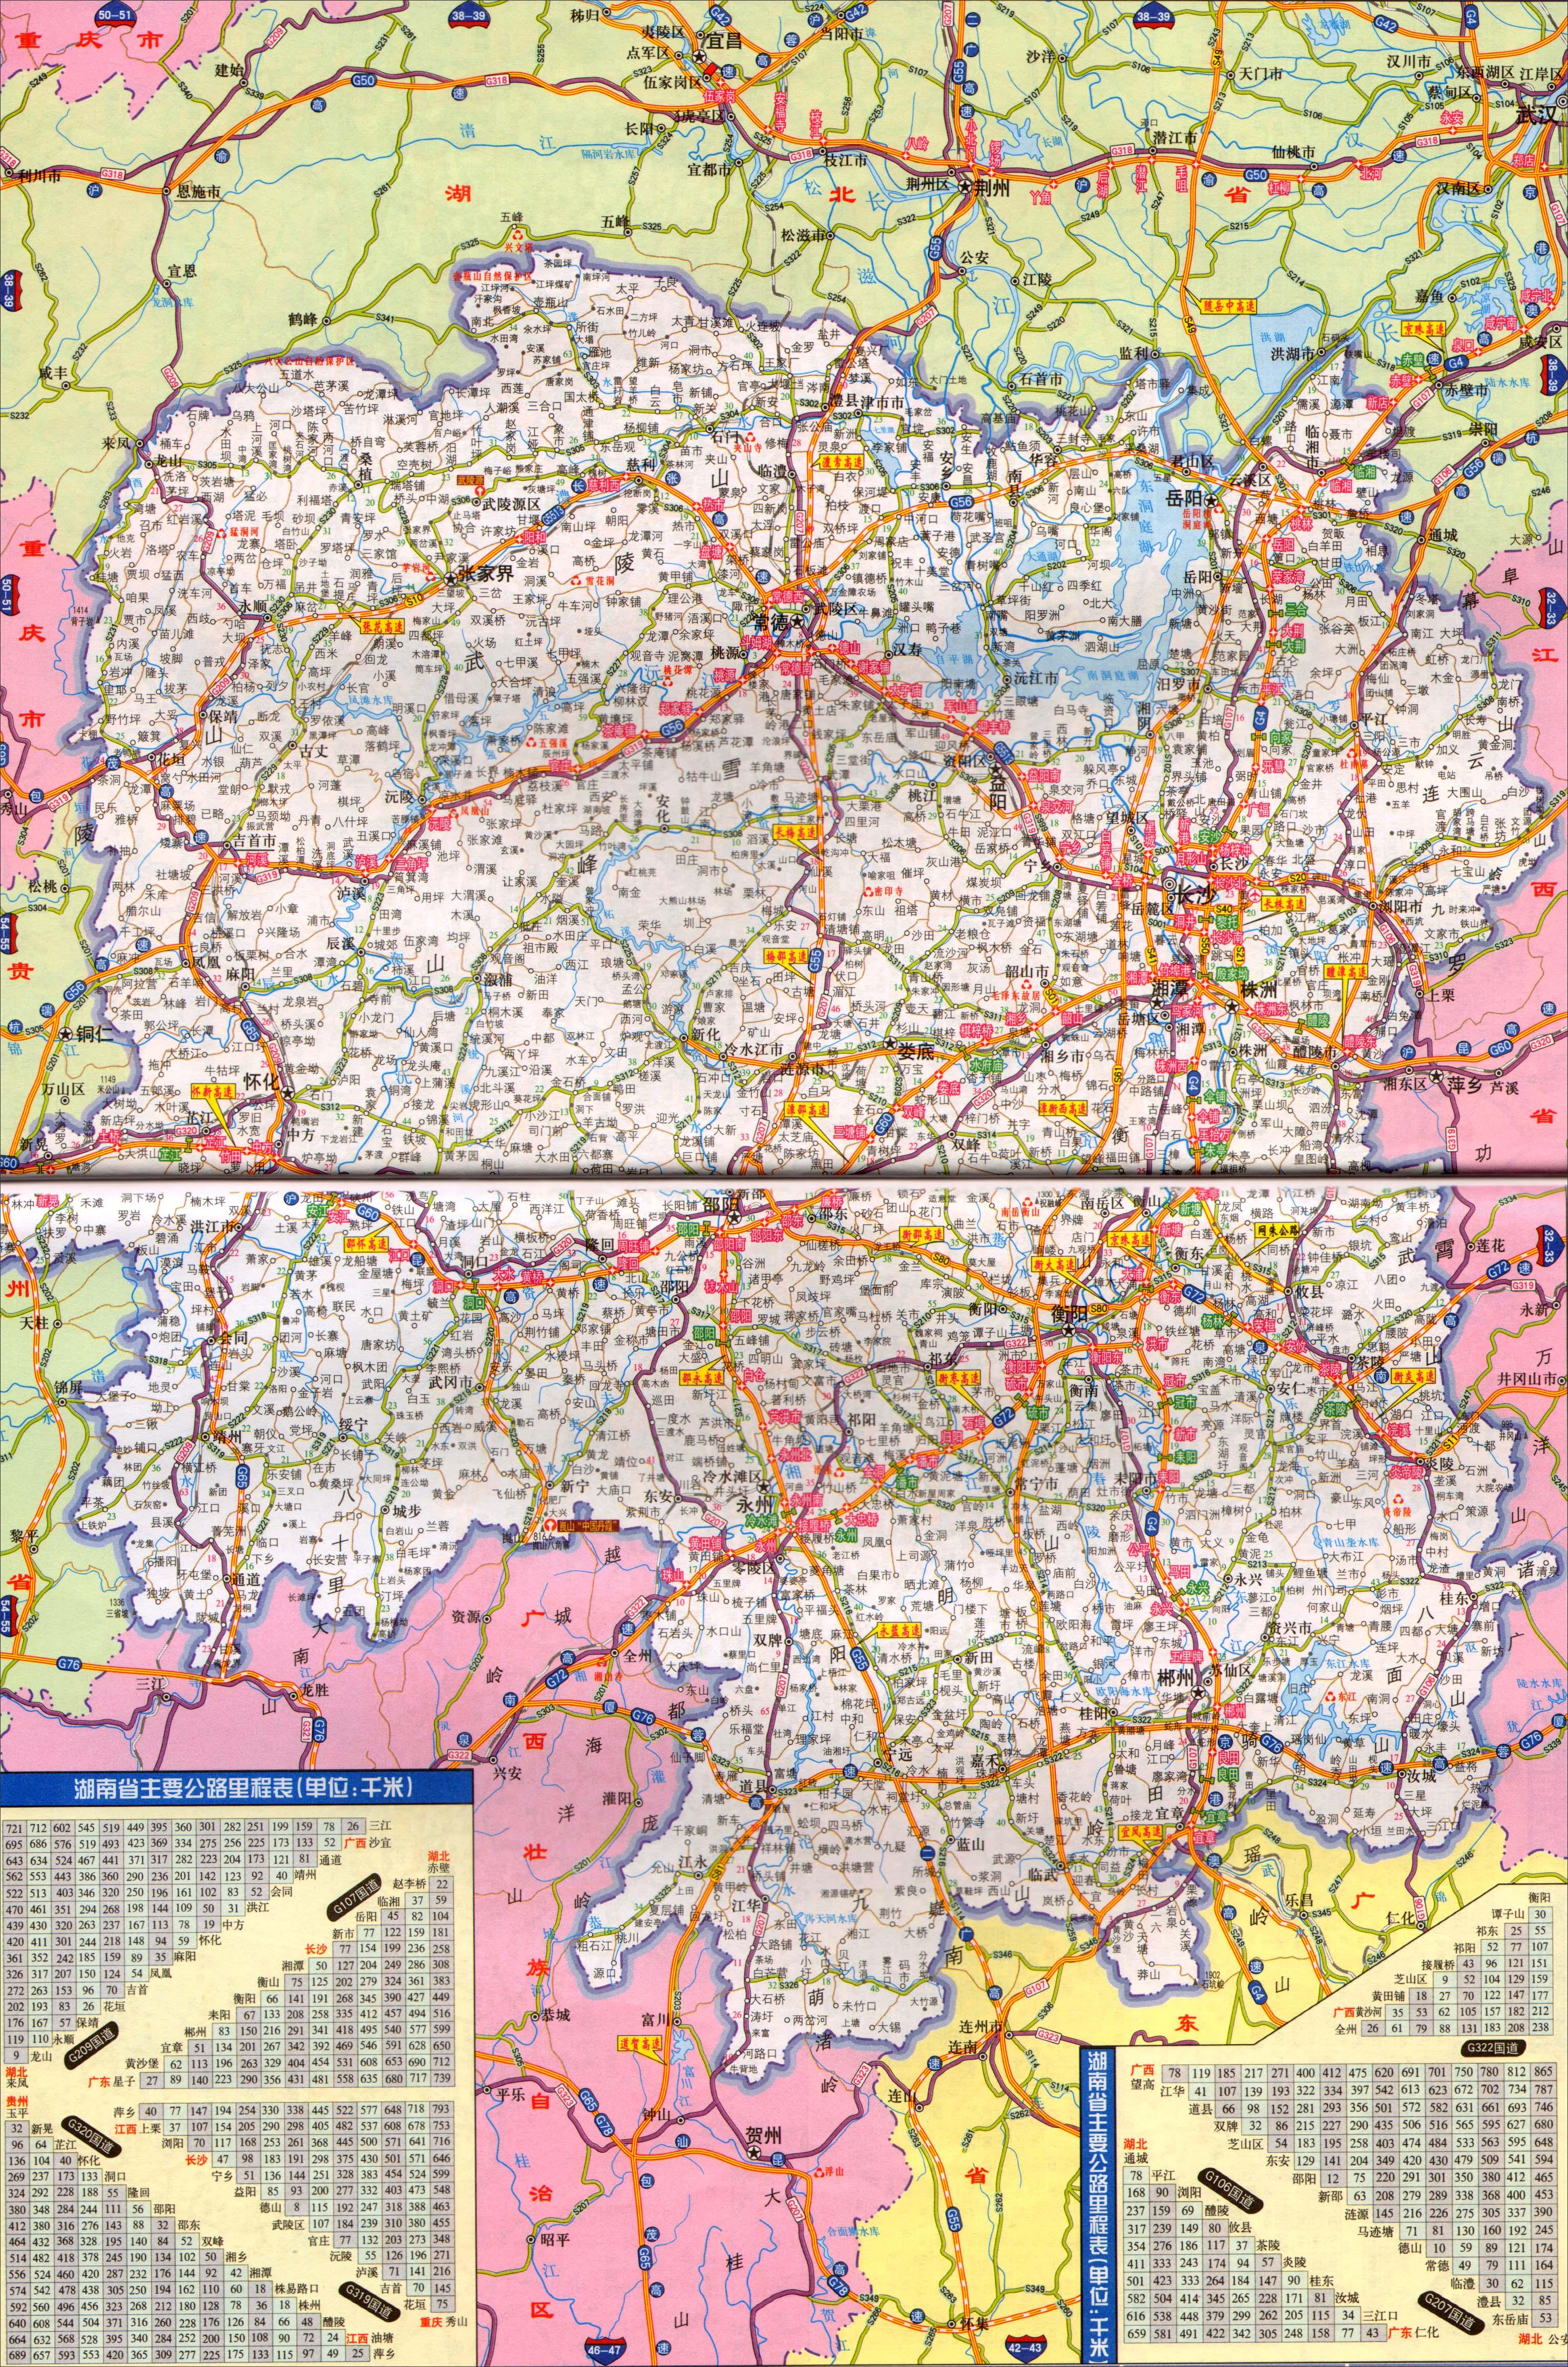 湖南高速公路地图2013 广西高速公路地图2013 安徽高速公路地图2013图片